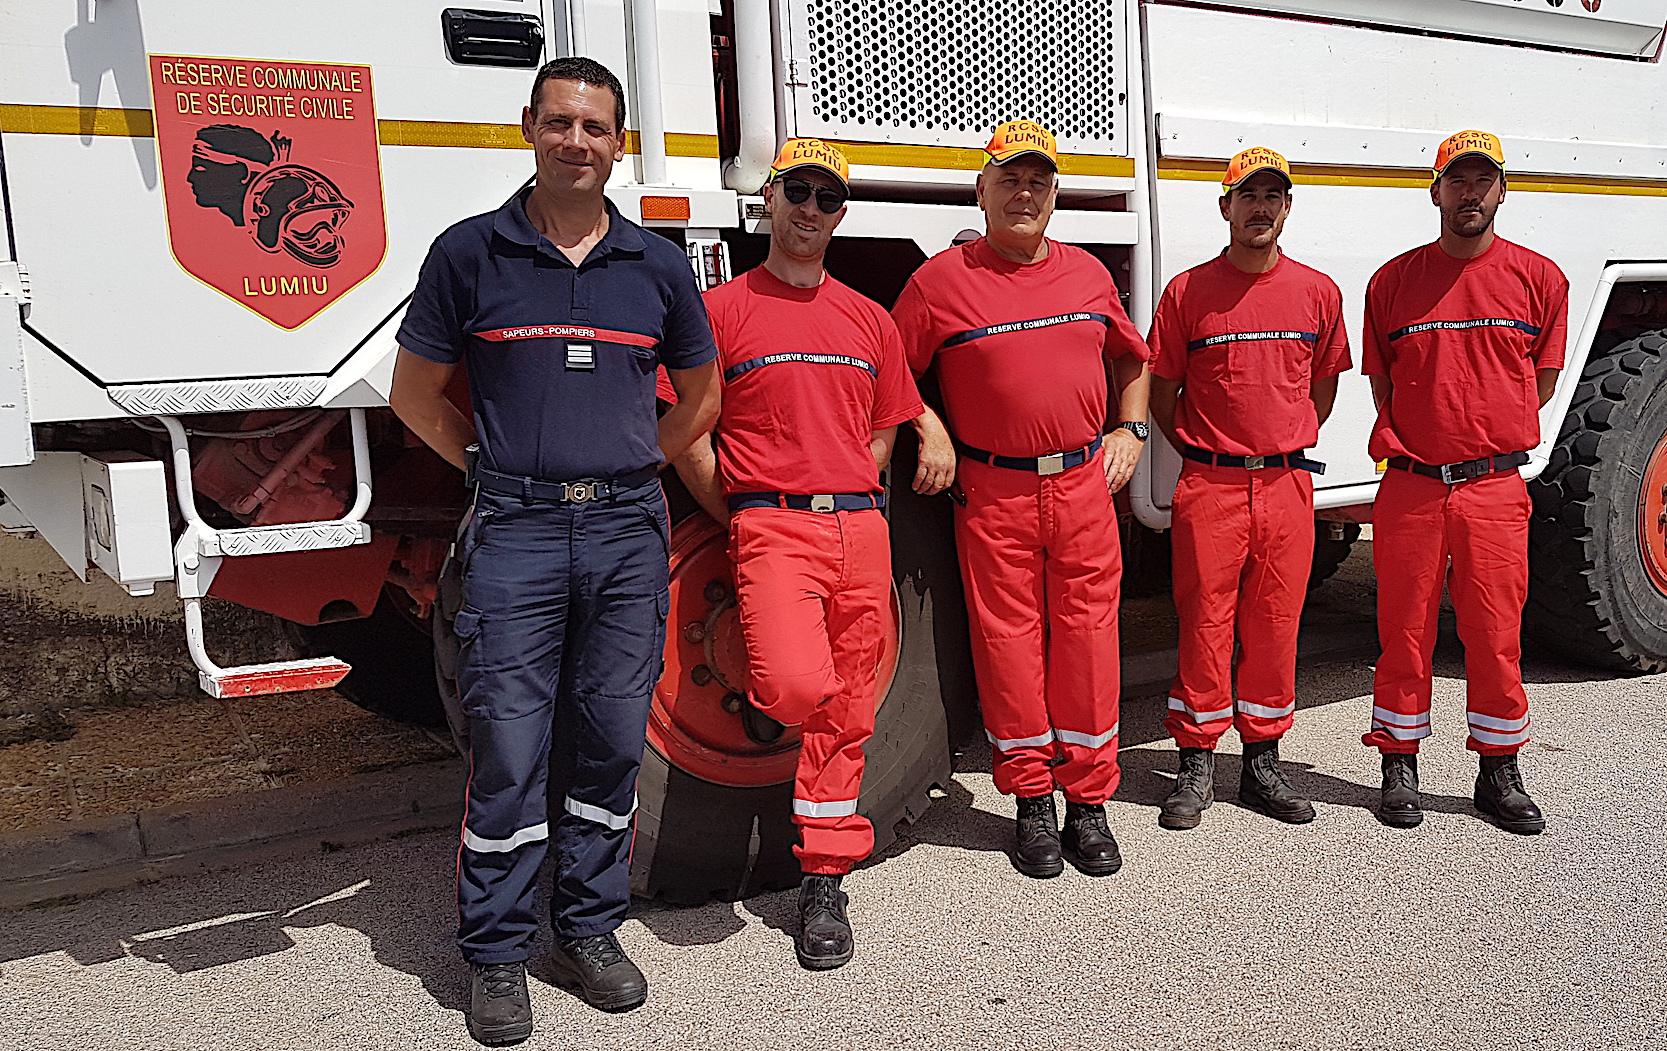 Le capitaine Stéphane Orticoni, chef du bassin opérationnel de Balagne, venu récemment saluer les réservistes de Lumiu.